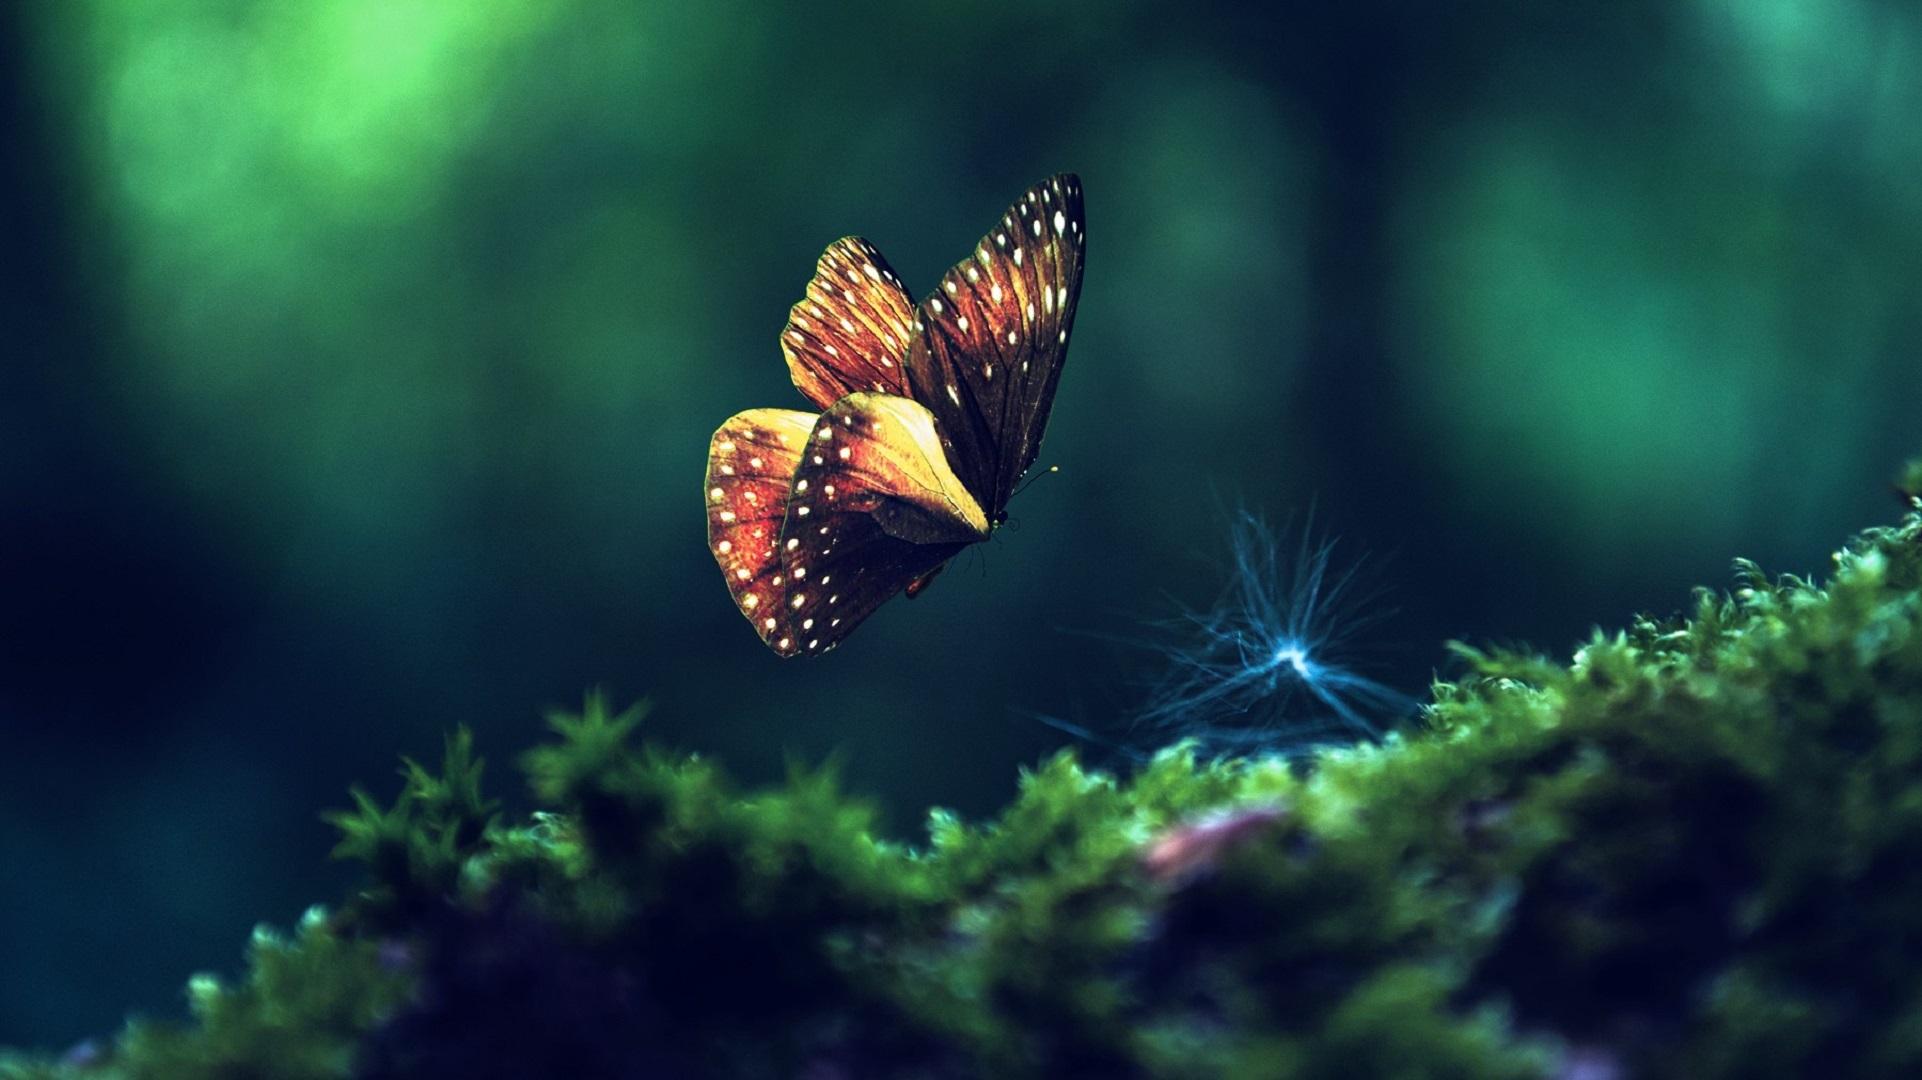 Фотографии Бабочки насекомое животное бабочка Насекомые Животные